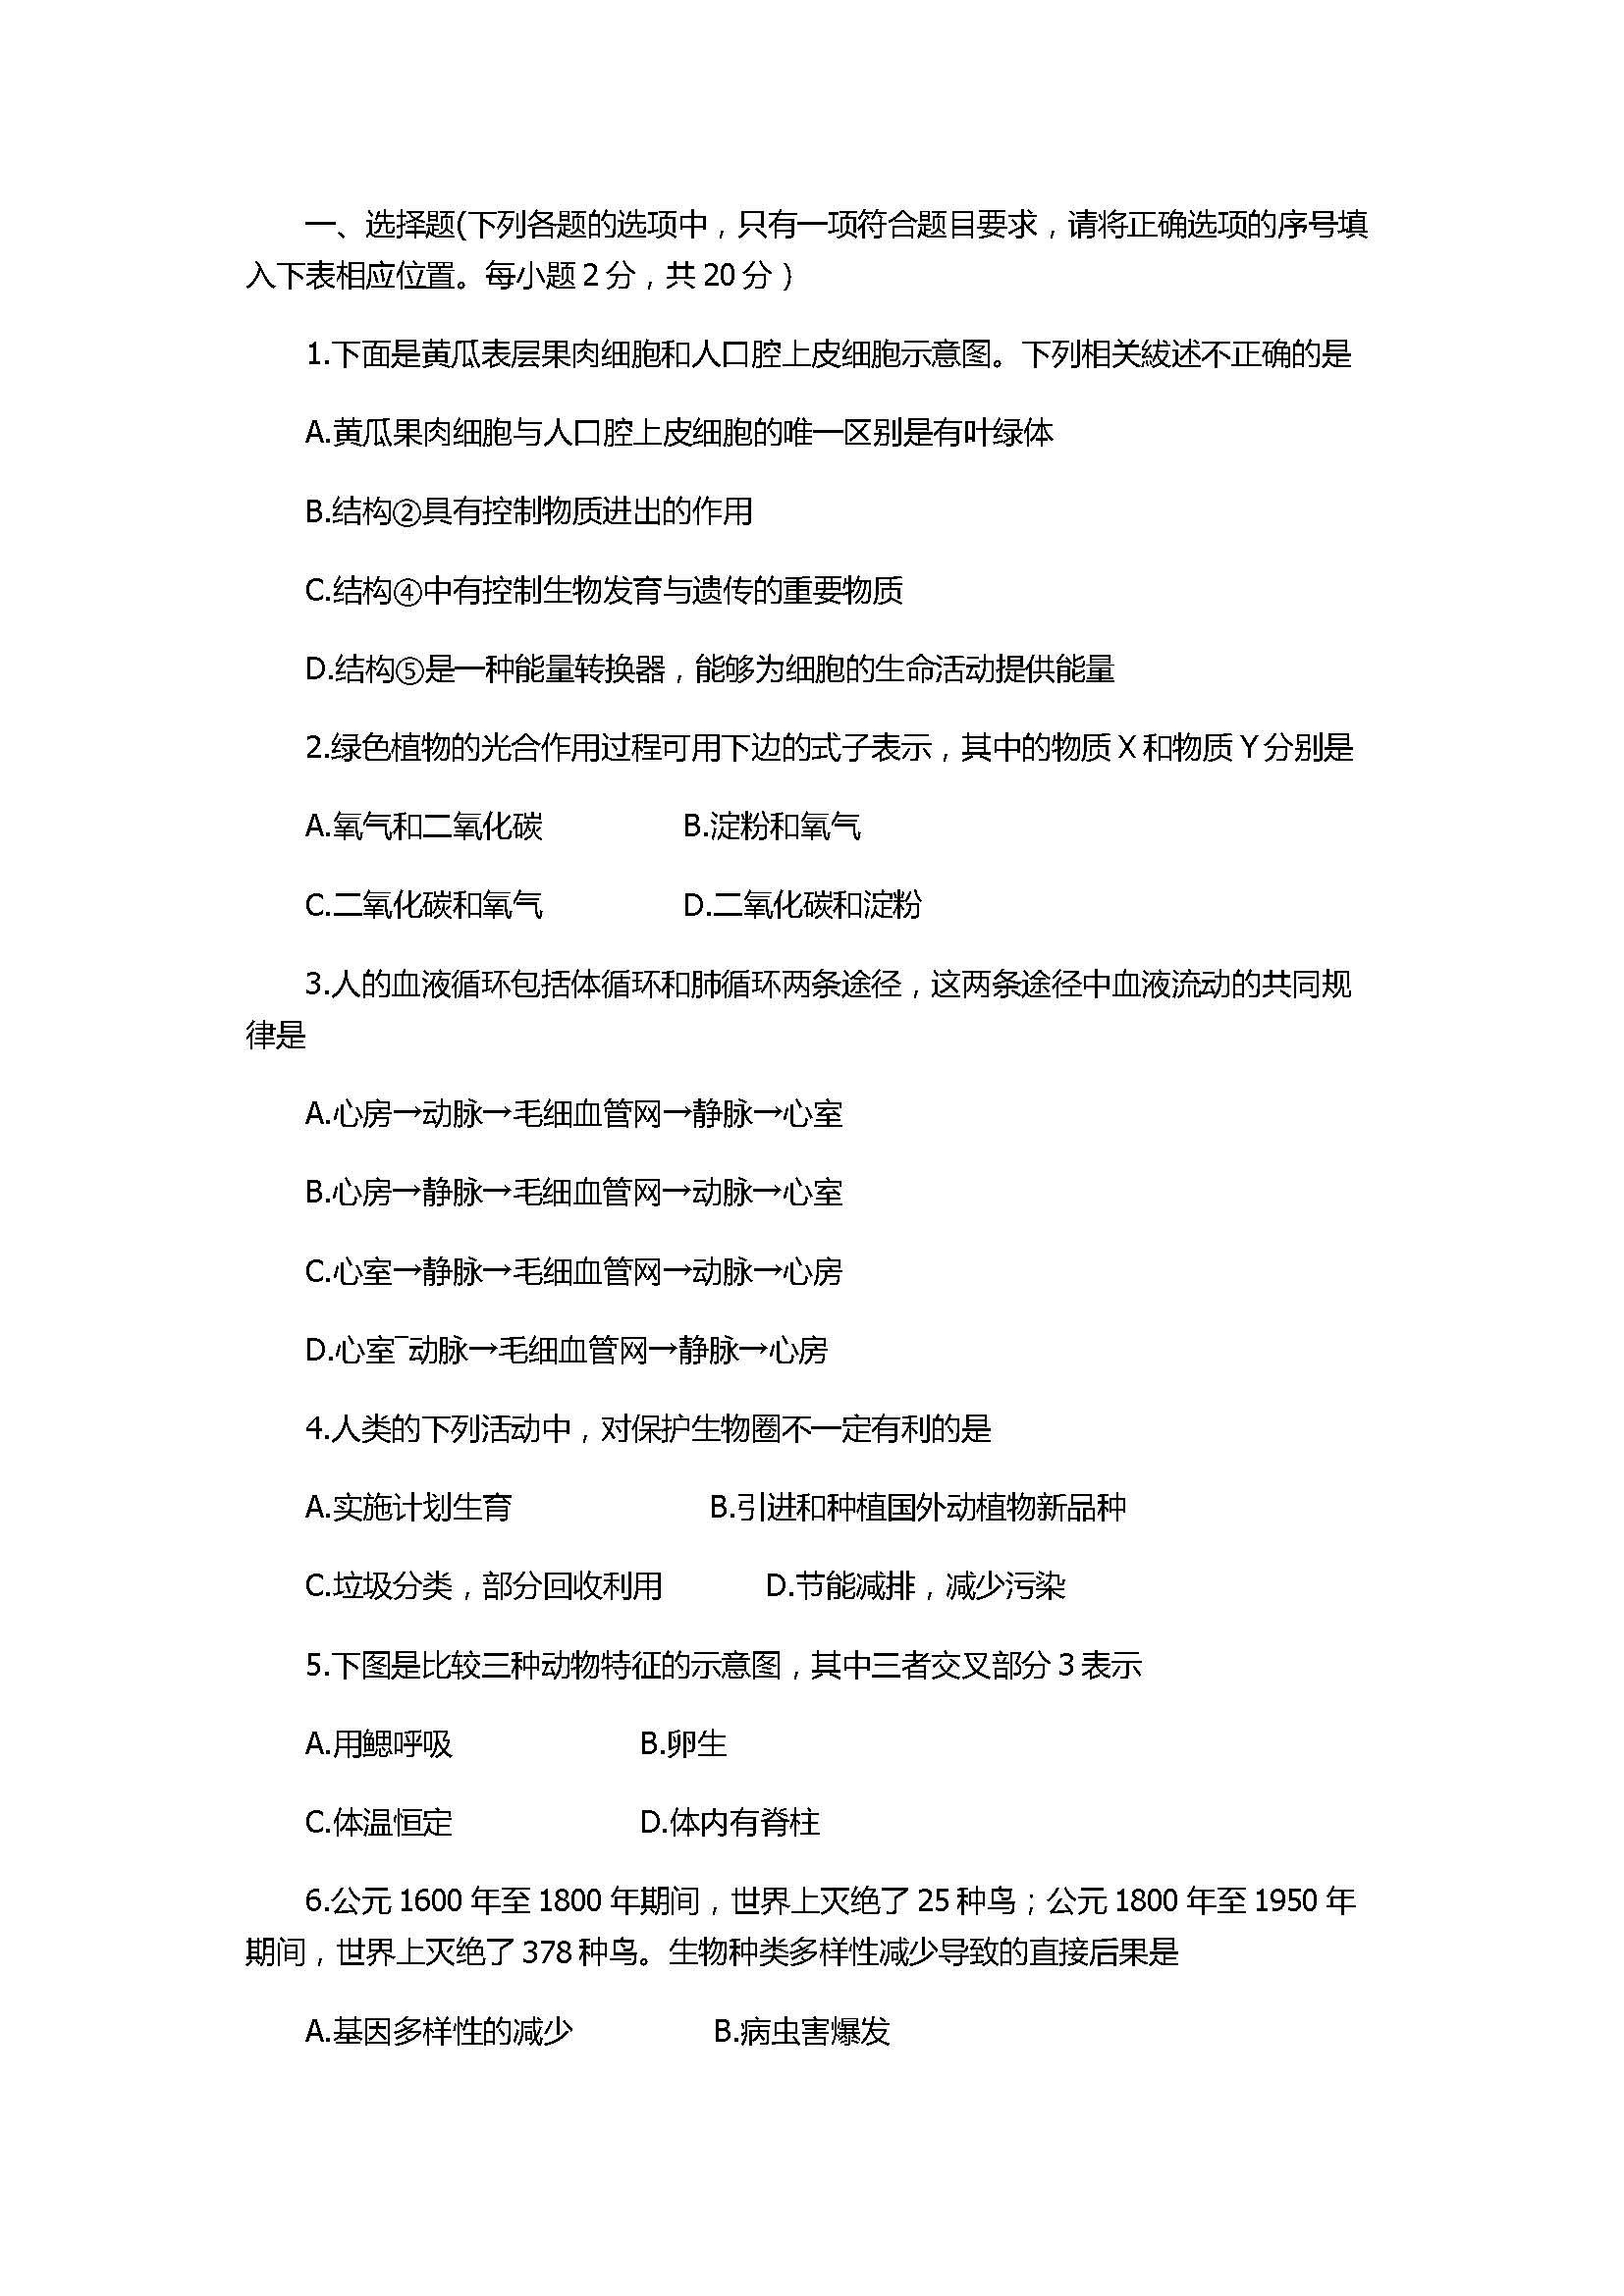 2017初二年级生物中考试卷附参考答案(山西省太原市)